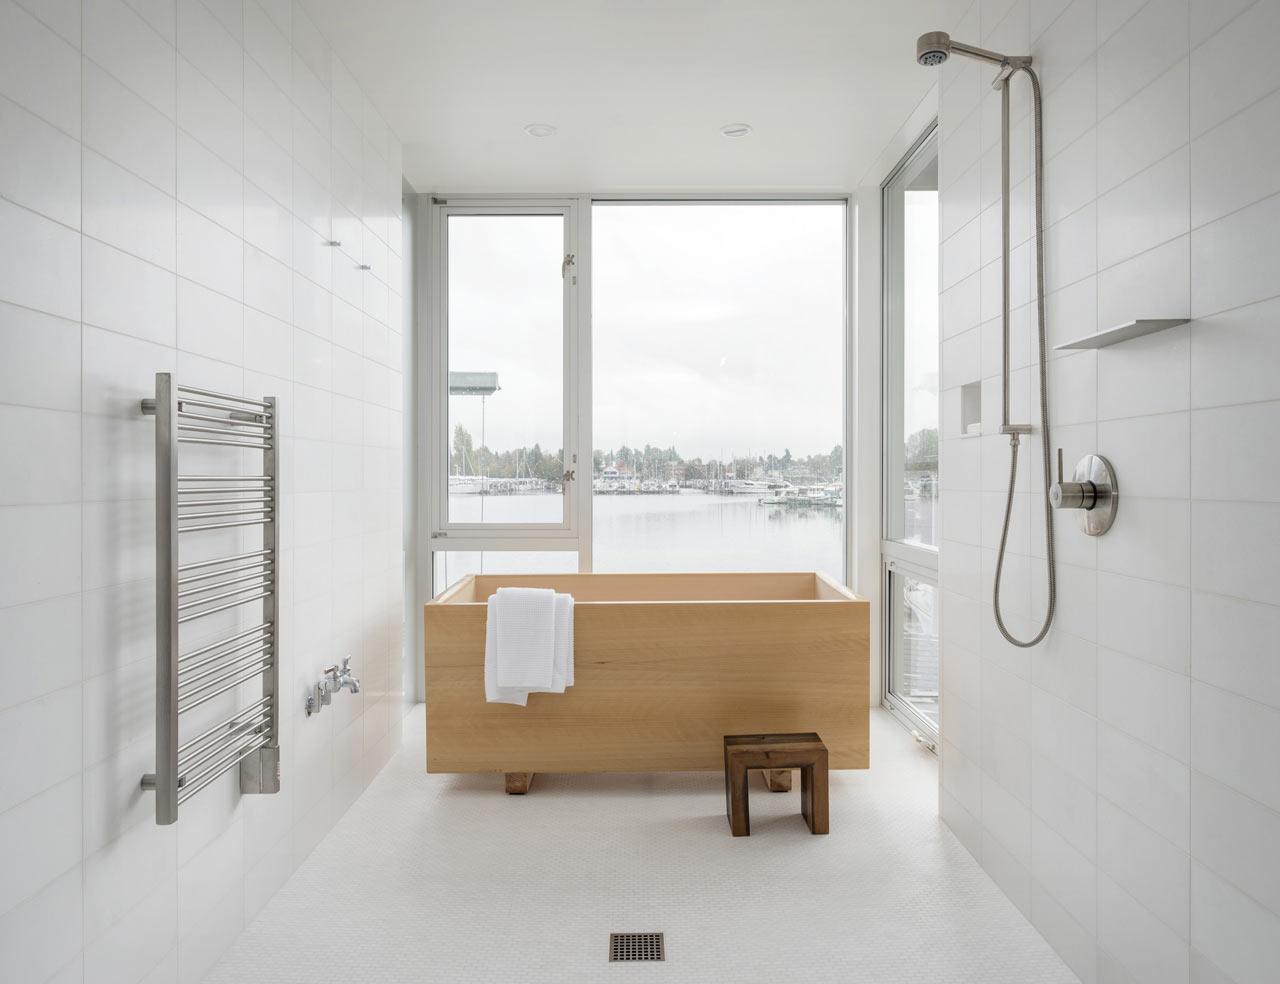 10 Banheiros Minimalistas Dos Sonhos